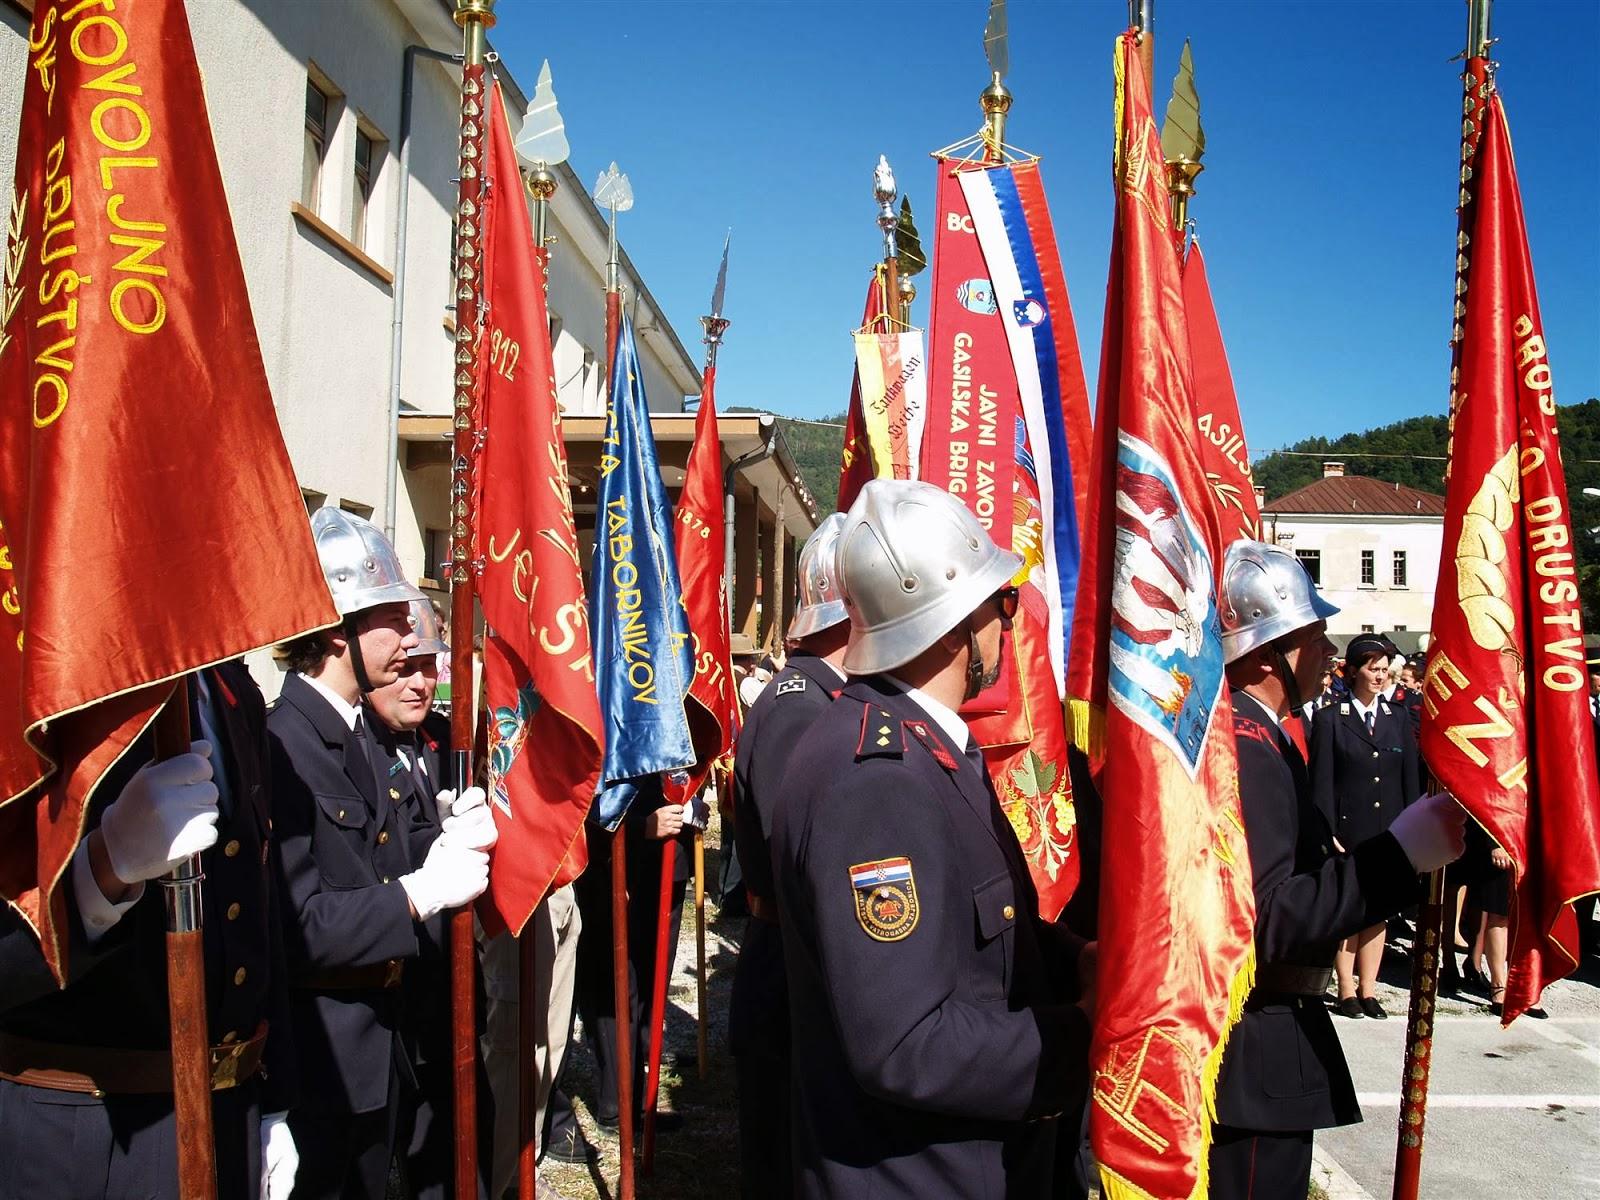 Gasilska parada, Ilirska Bistrica 2006 - P0103583.JPG